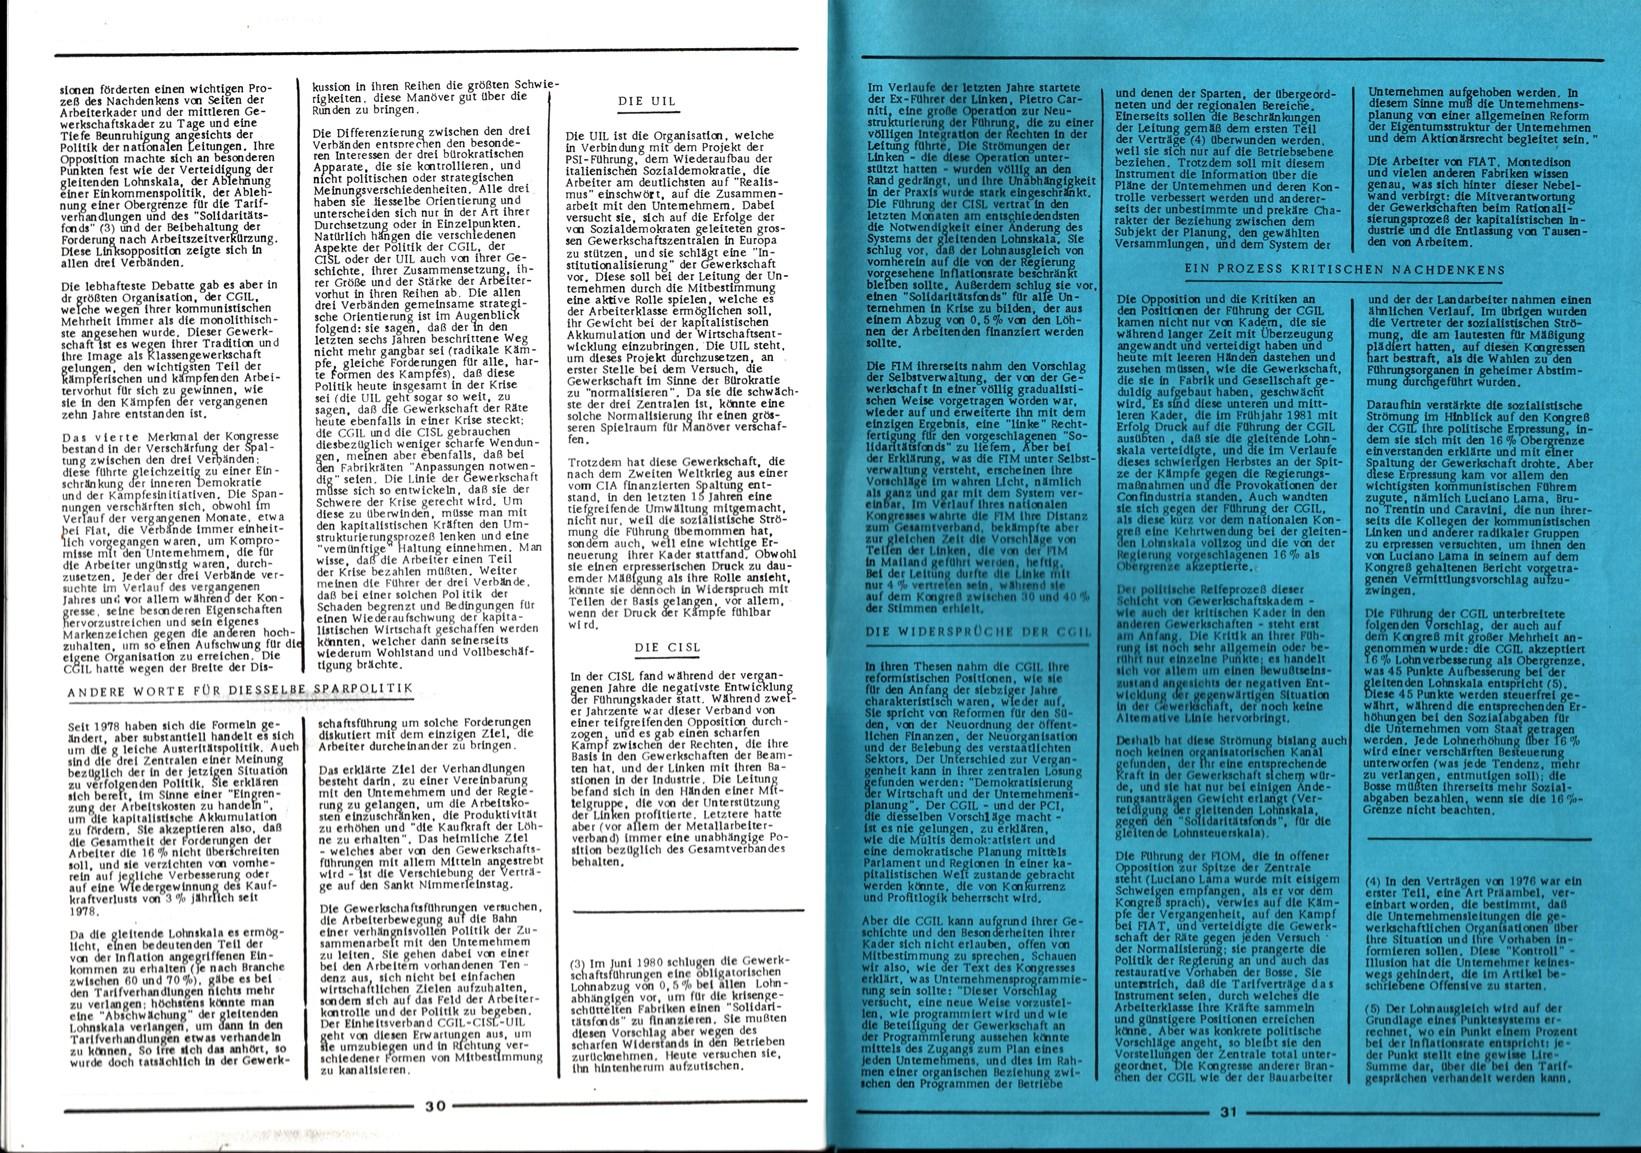 Inprekorr_19820211_141_016